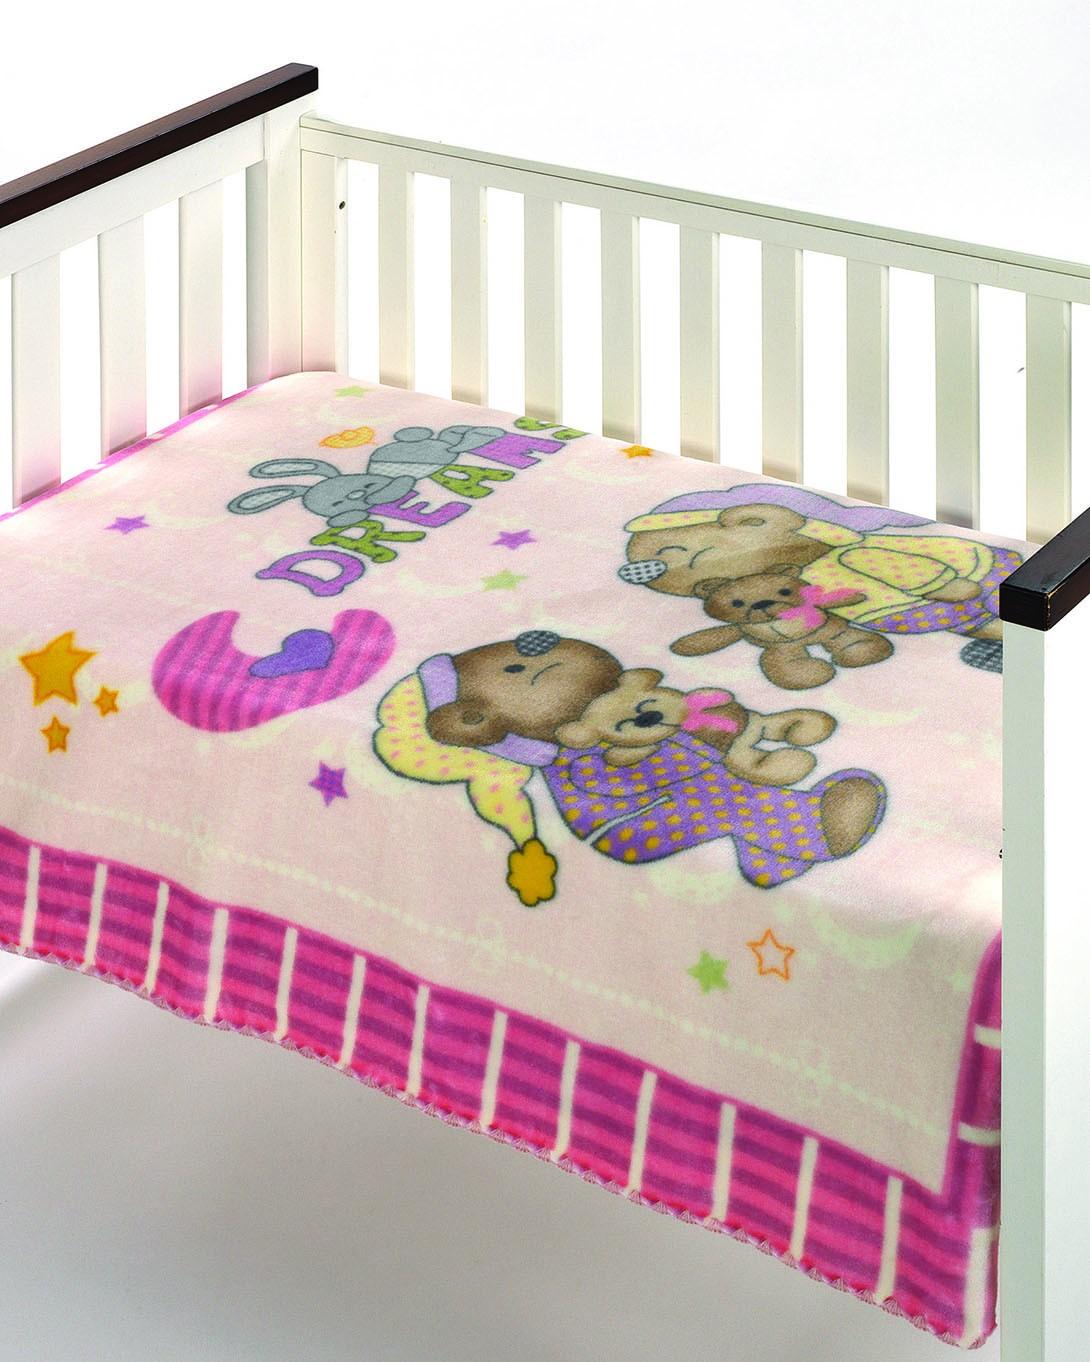 Κουβέρτα Βελουτέ Κούνιας Morven Piccola 273 Ροζ